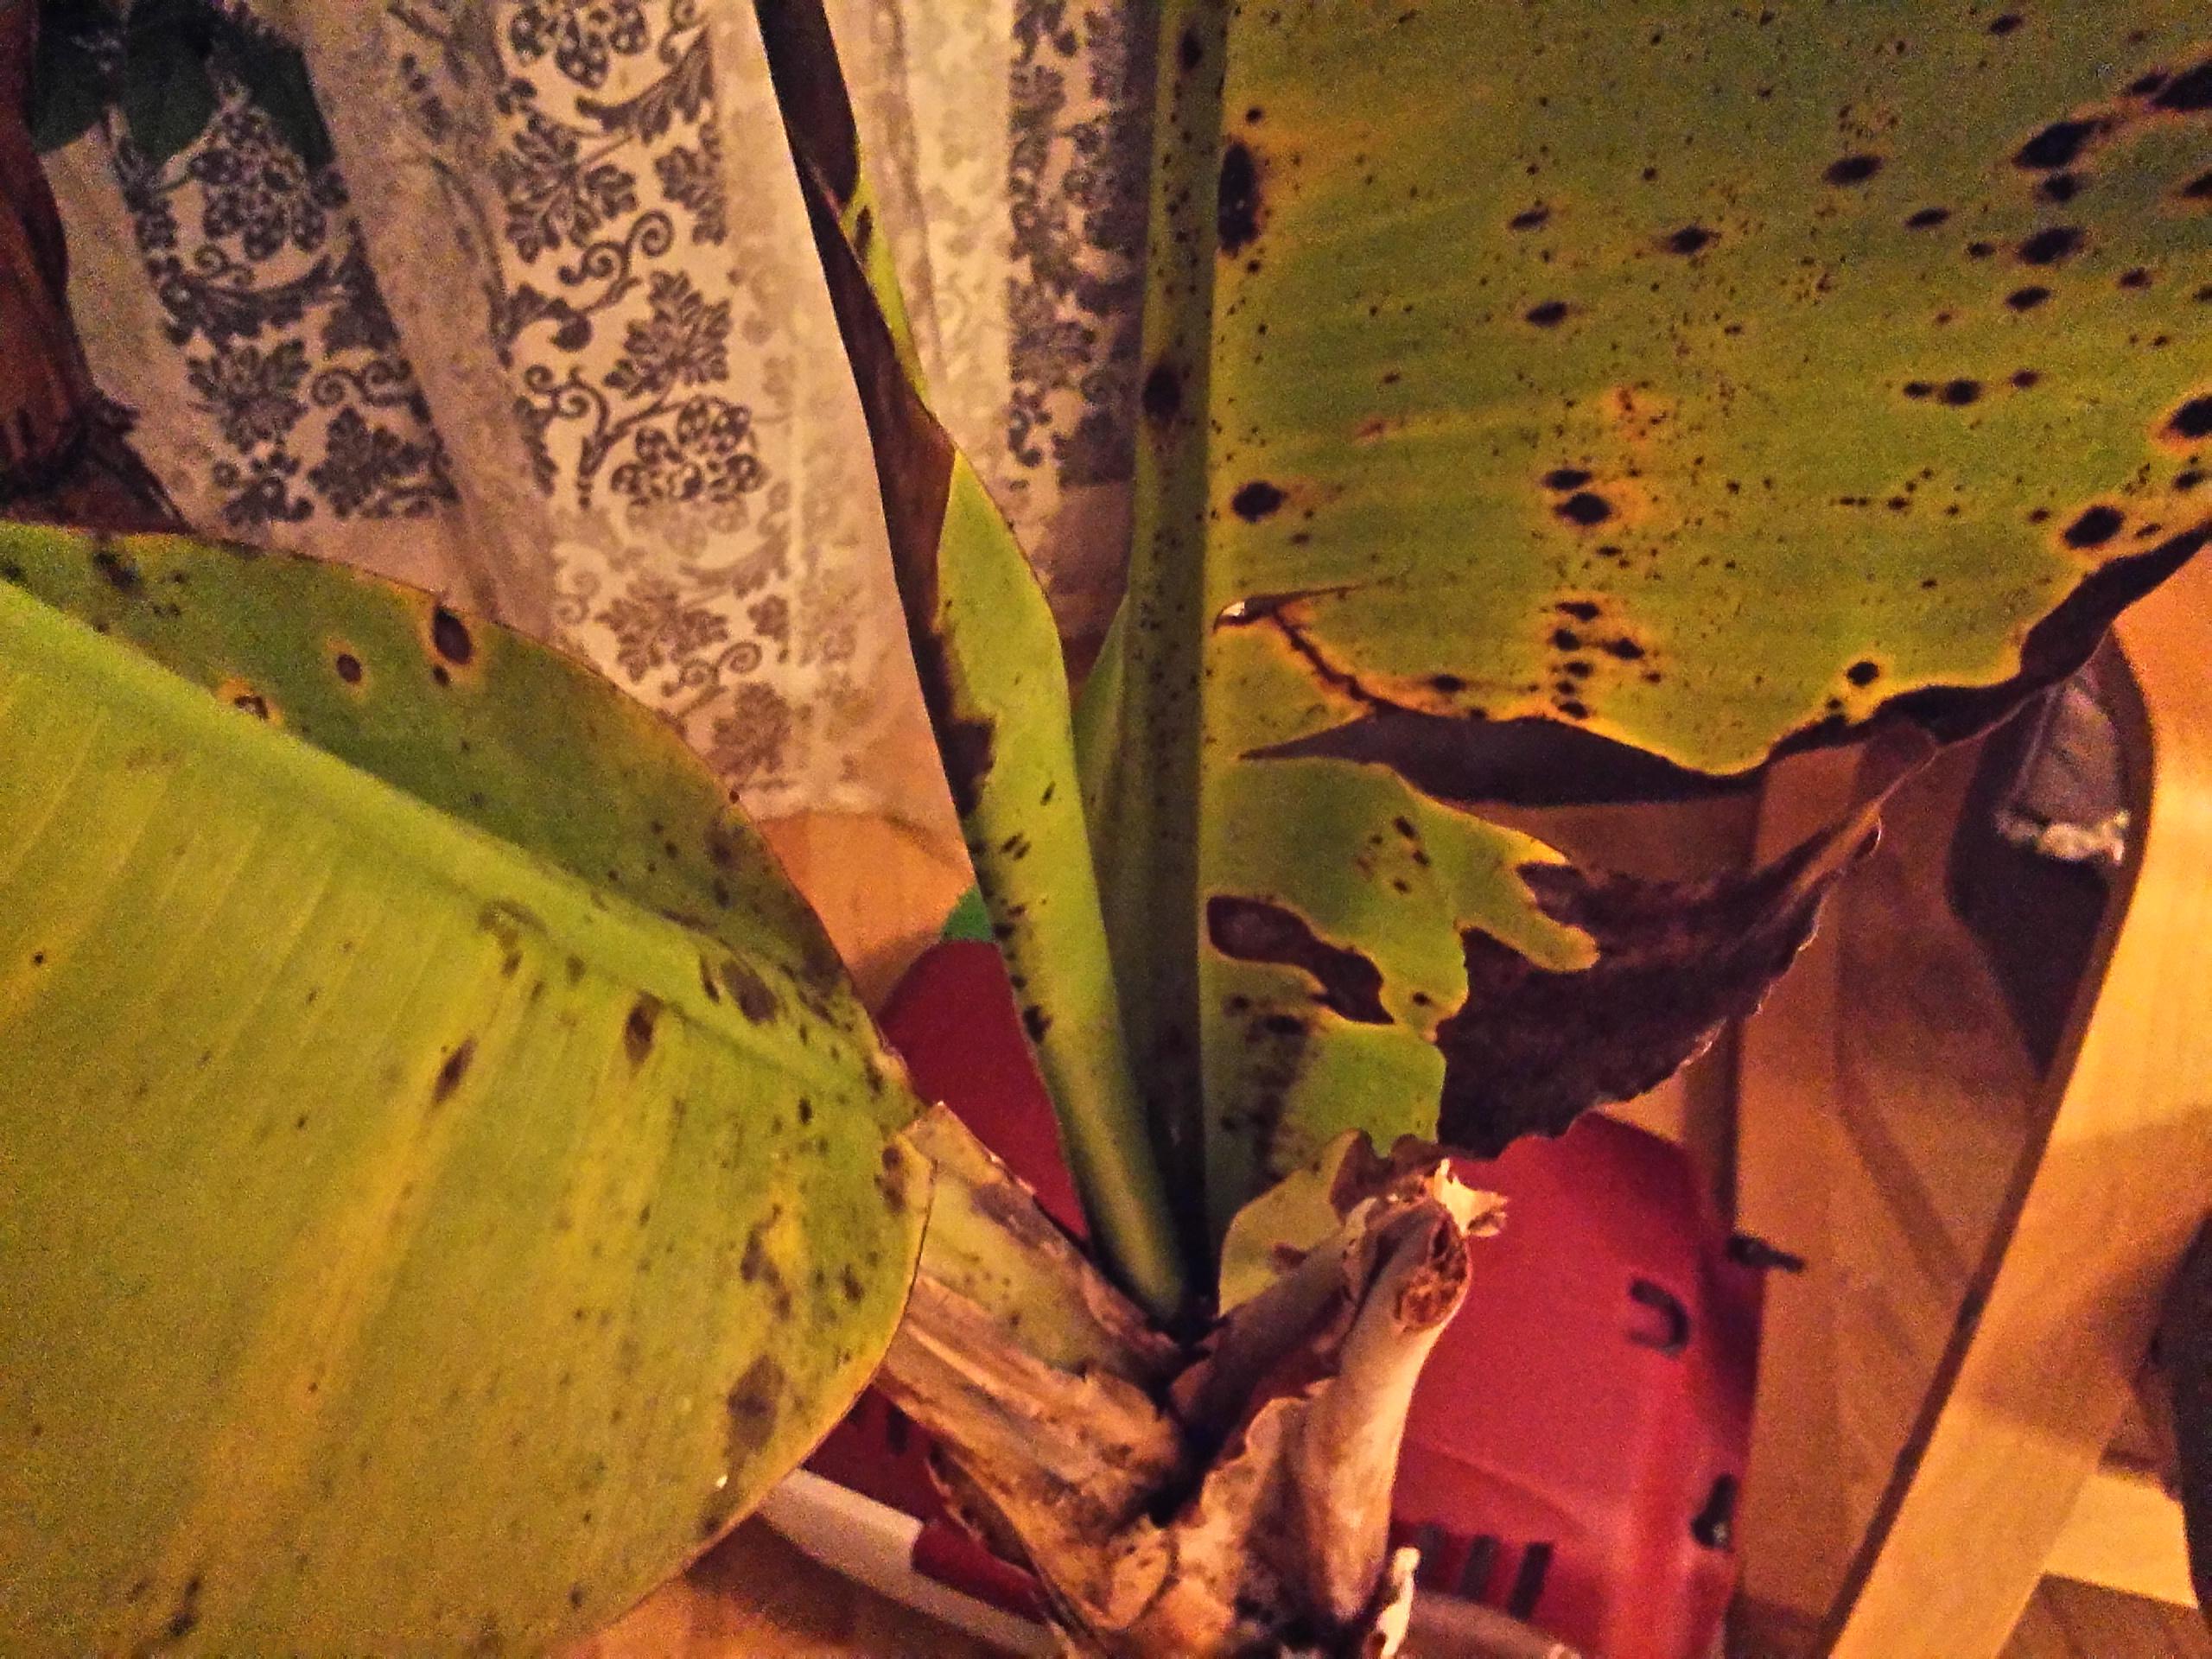 warum hat die bananenpflanze schwarz braune flecken gesundheit biologie pflanzen. Black Bedroom Furniture Sets. Home Design Ideas